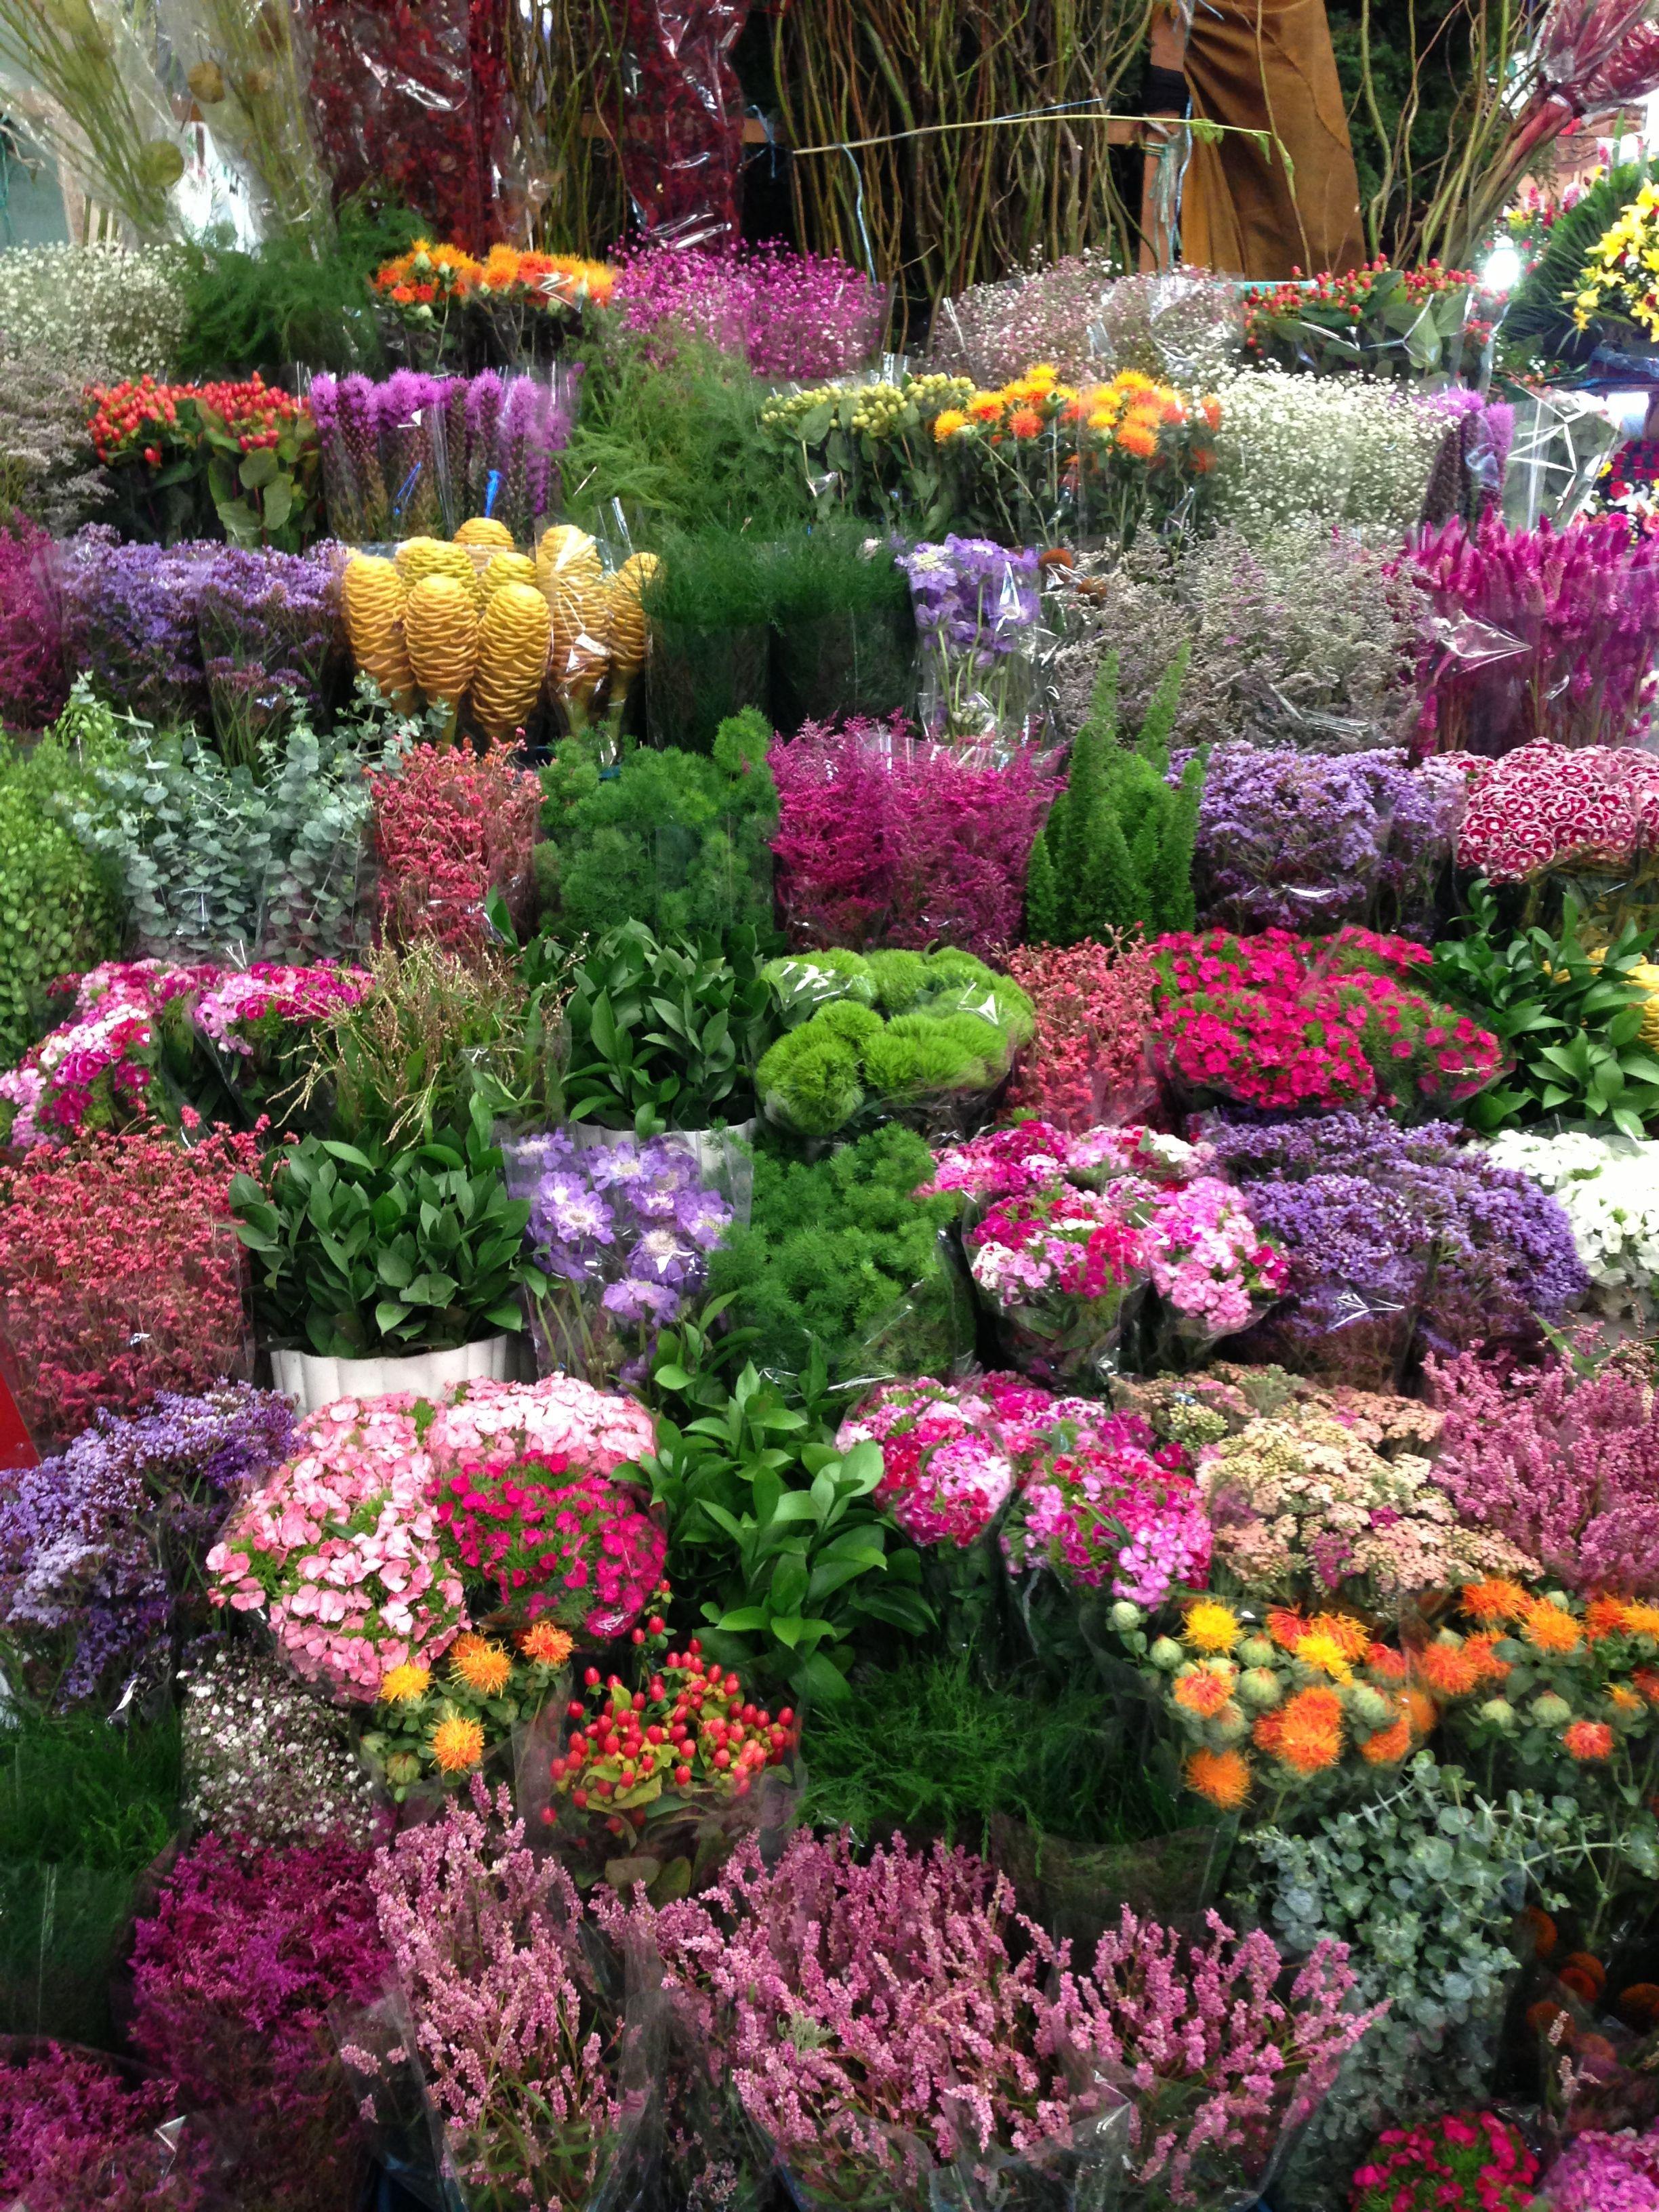 Mercado de Jamaica Mexico City Jardín de flores, Puestos